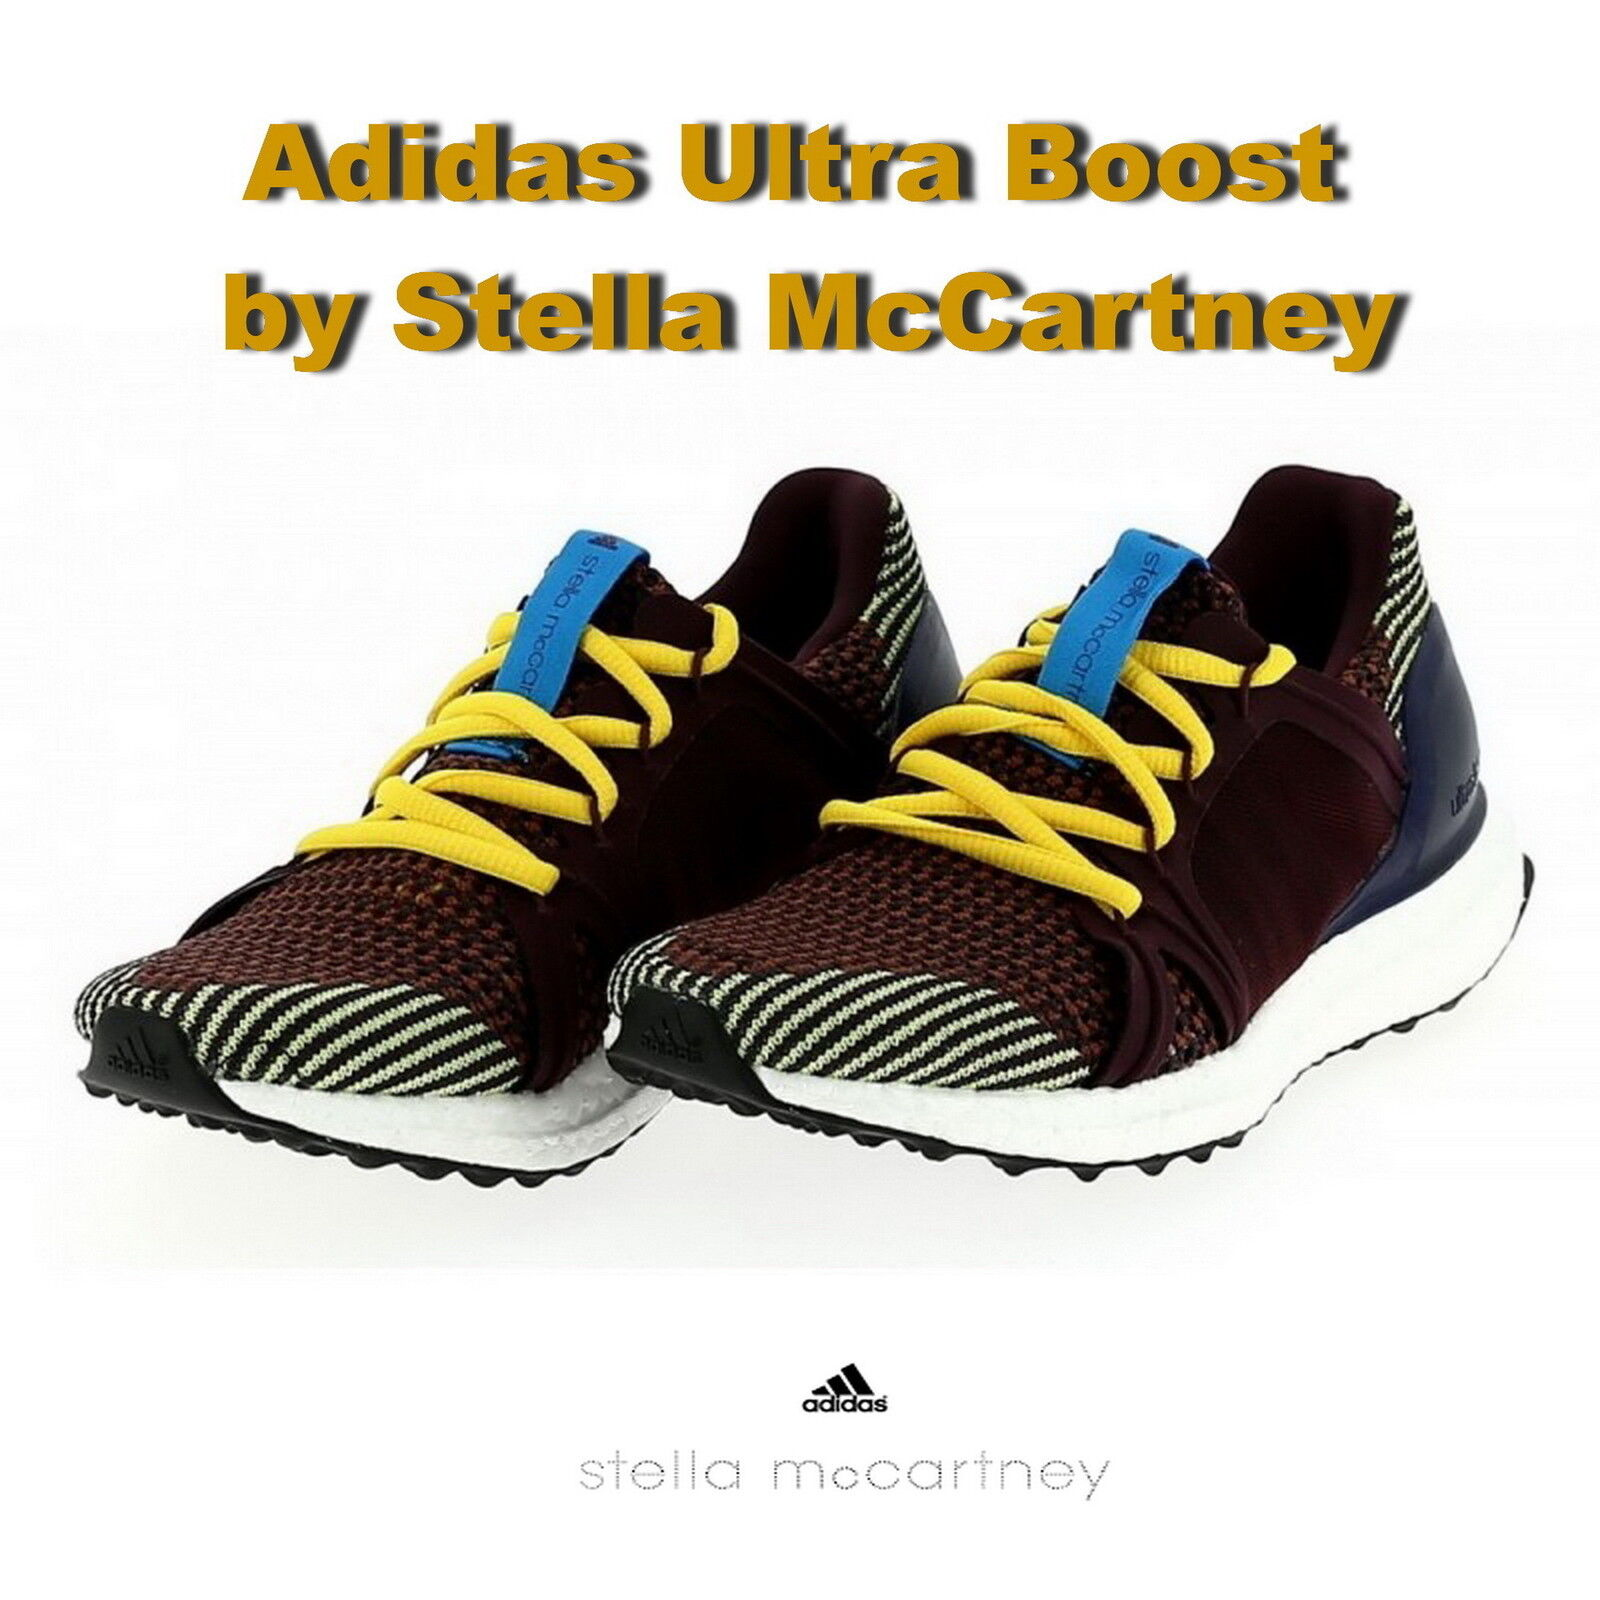 Adidas Ultra Boost Boost Boost Stella McCartney Damen Limited Edition B25117  | Üppiges Design  aee589